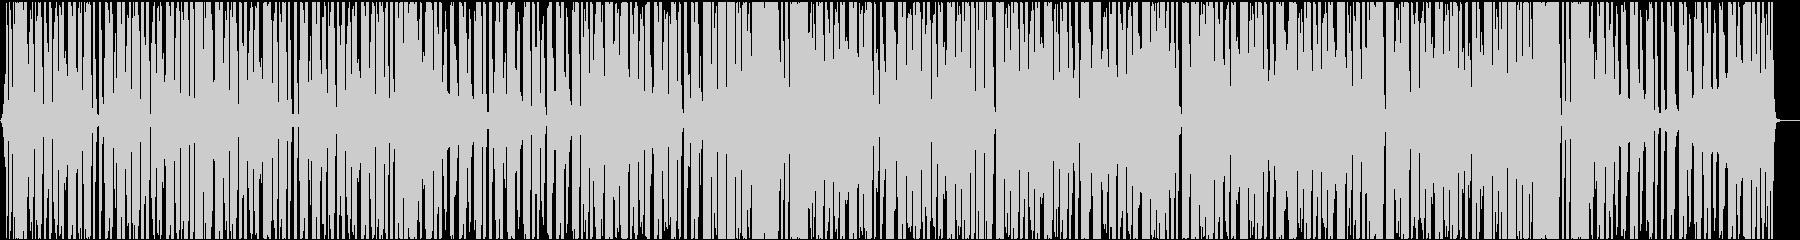 シンプルなディスコの未再生の波形